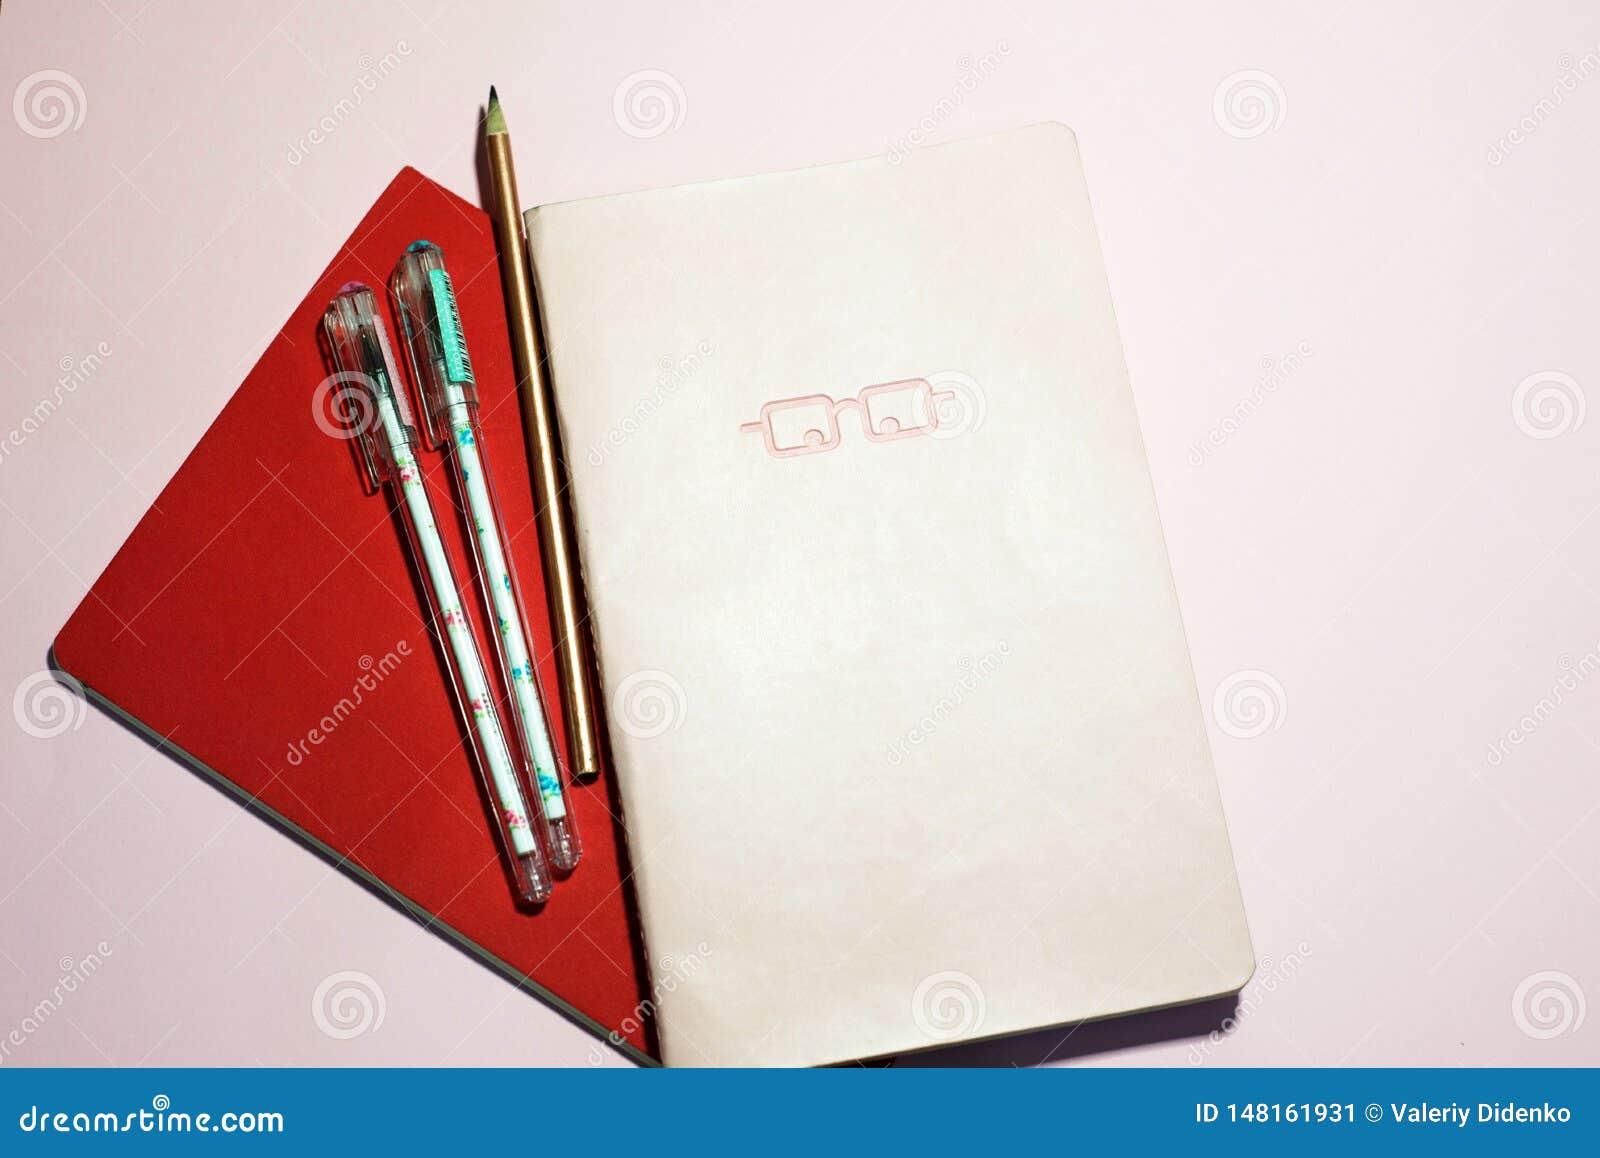 Σημειωματάρια σε ένα ρόδινο υπόβαθρο